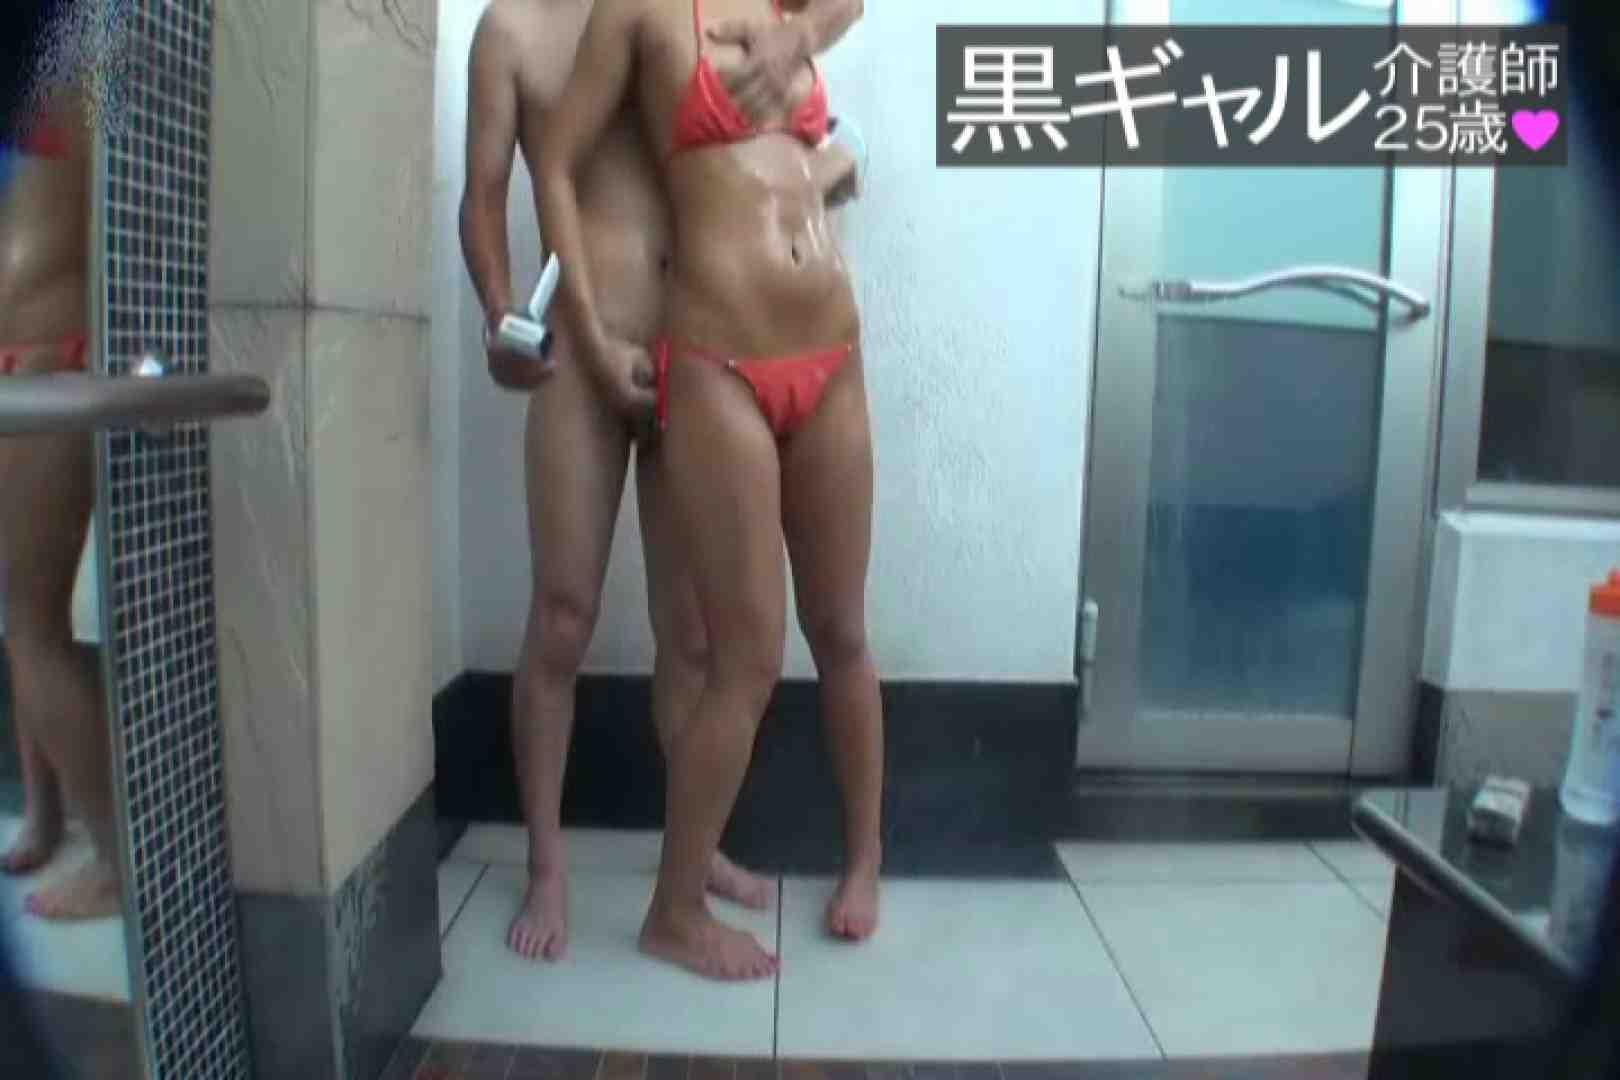 独占入手 従順M黒ギャル介護師25歳vol.6 SEX | シャワー  54連発 1